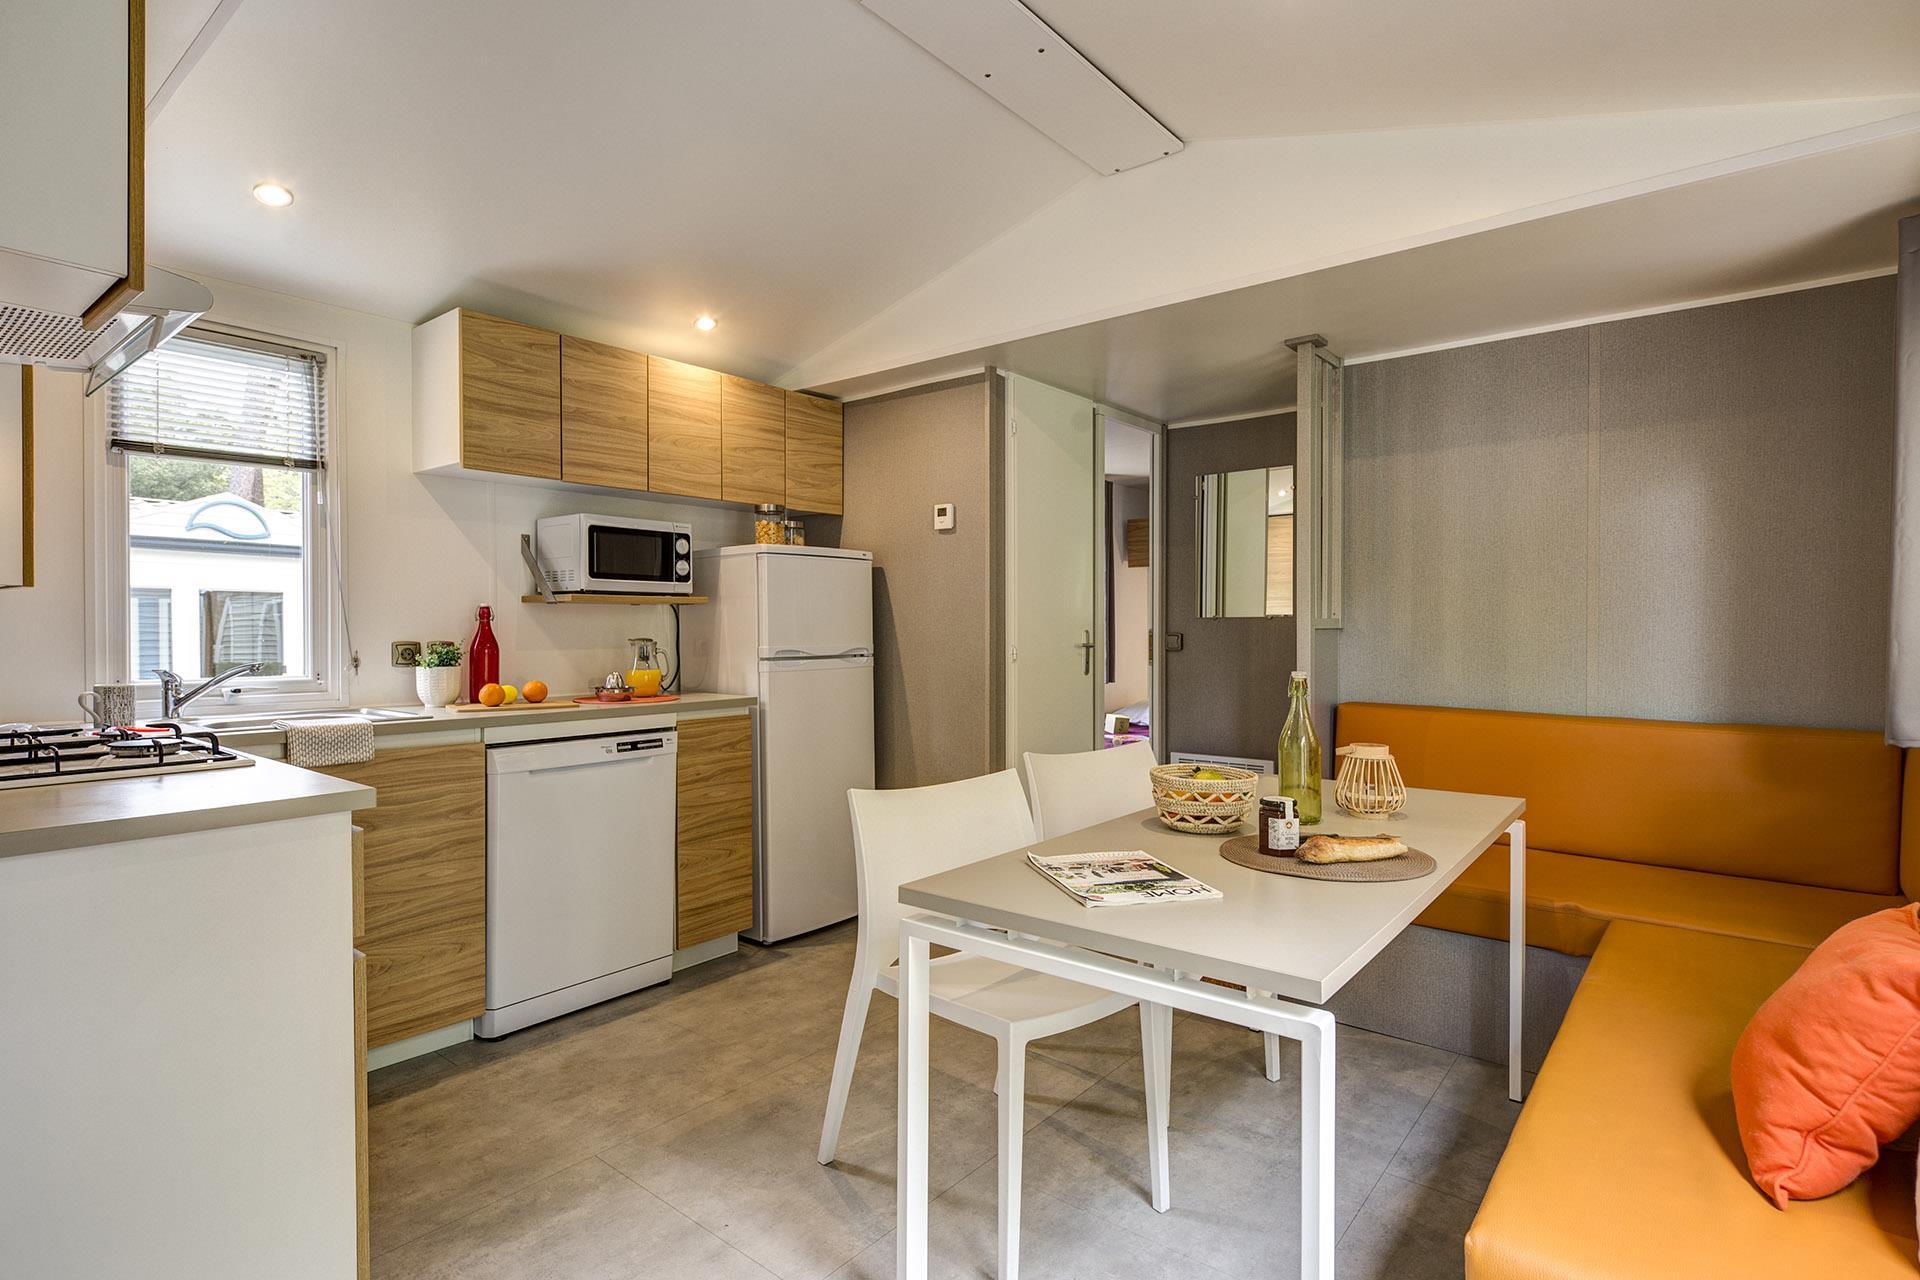 Location - Cottage 6 Chambres 2 Salles De Bains *** - Camping Sandaya L'Orée du Bois